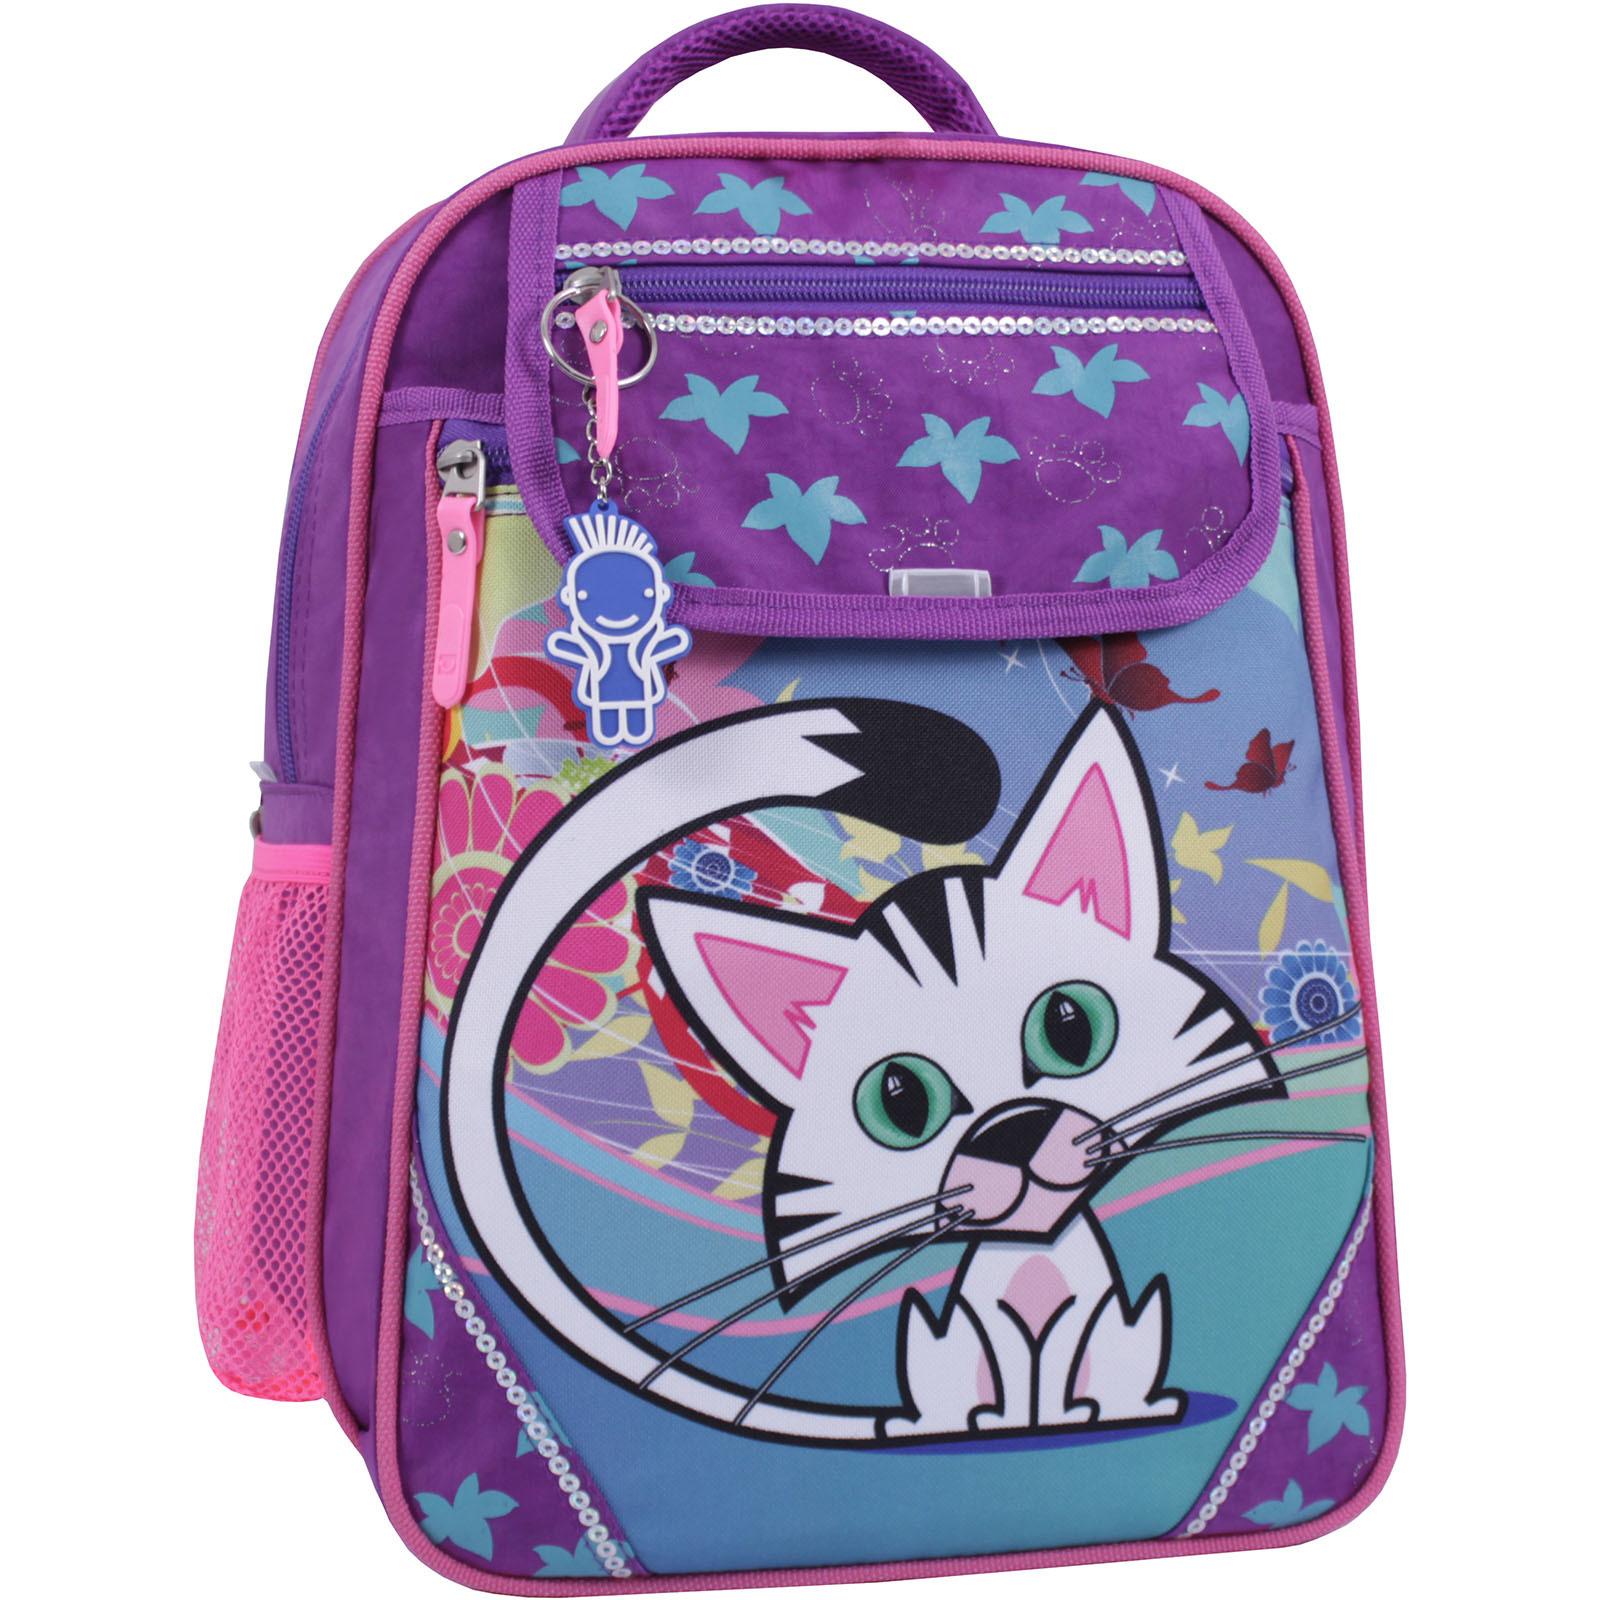 Рюкзак школьный Bagland Отличник 20 л. 339 фиолетовый 502 (0058070) фото 1